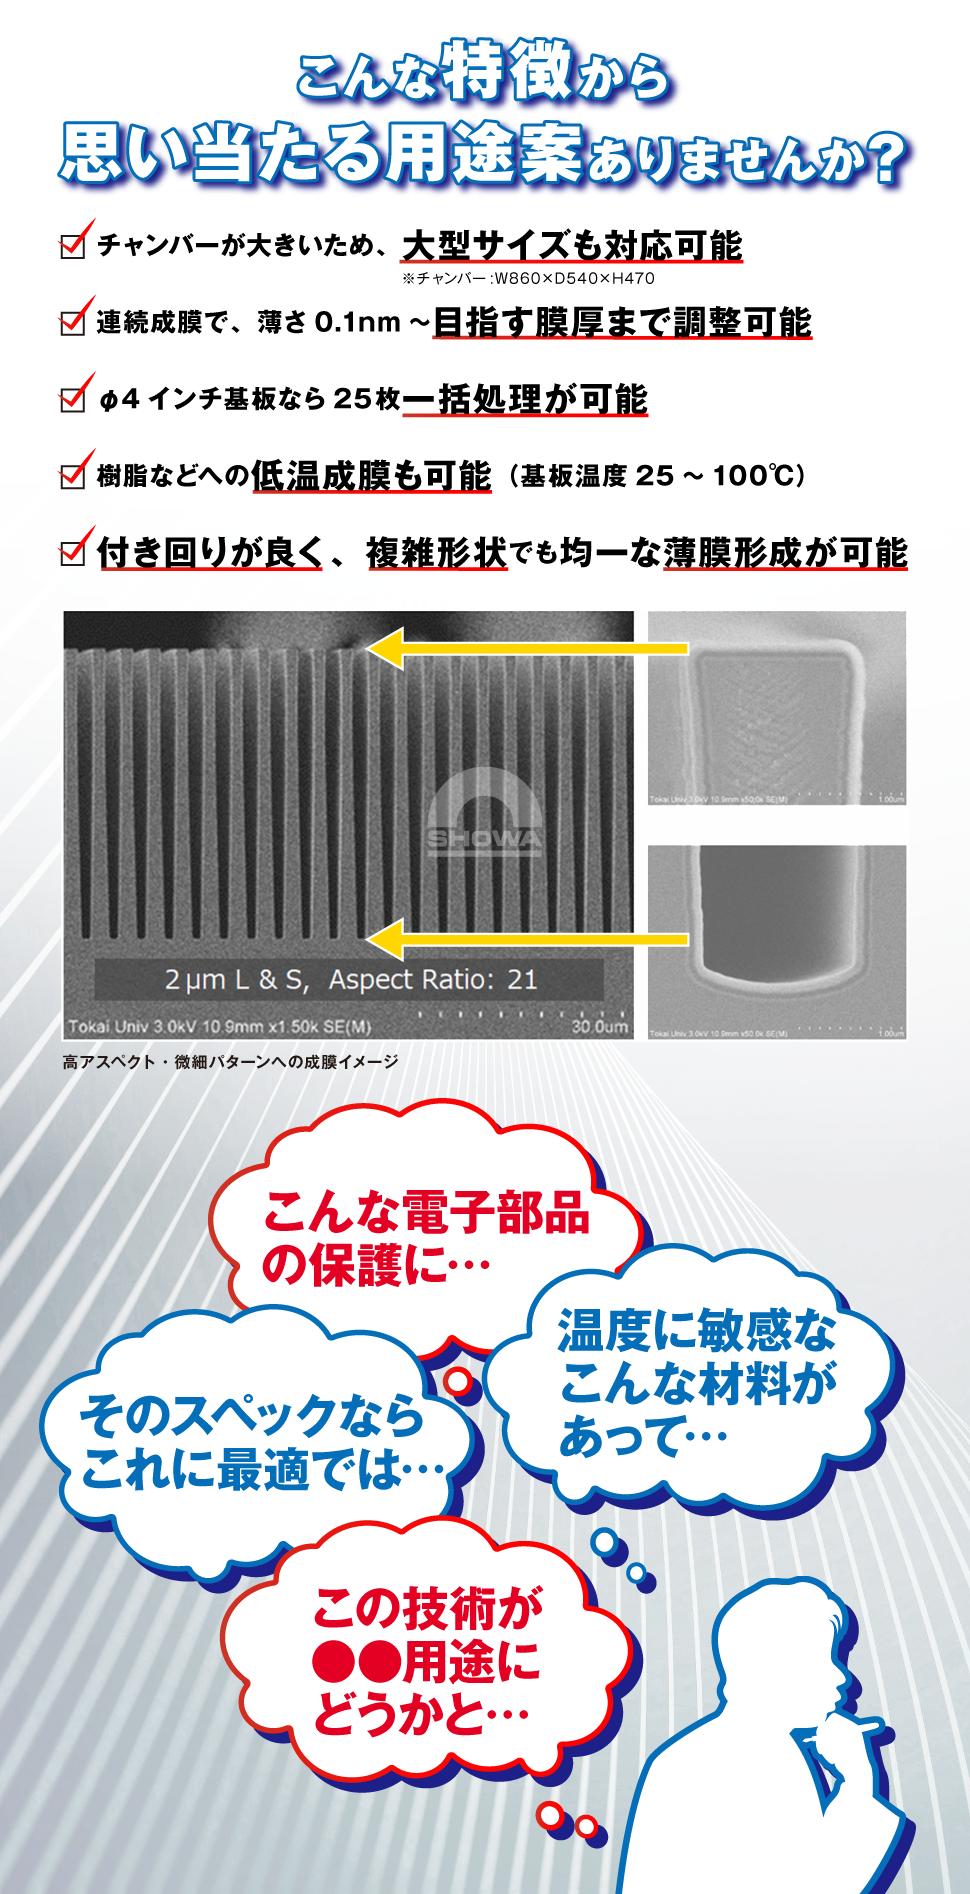 こんな特徴から思い当たる用途案ありませんか? チャンバーが大きいため、大型サイズも対応可能 連続成膜で、薄さ0.1nm〜目指す膜厚まで調整可能 φ4インチ基板なら25枚一括処理が可能 樹脂などへの低温成膜も可能(基板温度25〜100°C) 付き回りが良く、複雑形状でも均一な薄膜形成が可能 こんな電子部品の保護に… 温度に敏感なこんな素材があって… そのスペックならこれに最適では… この技術が○○の用途にどうか…